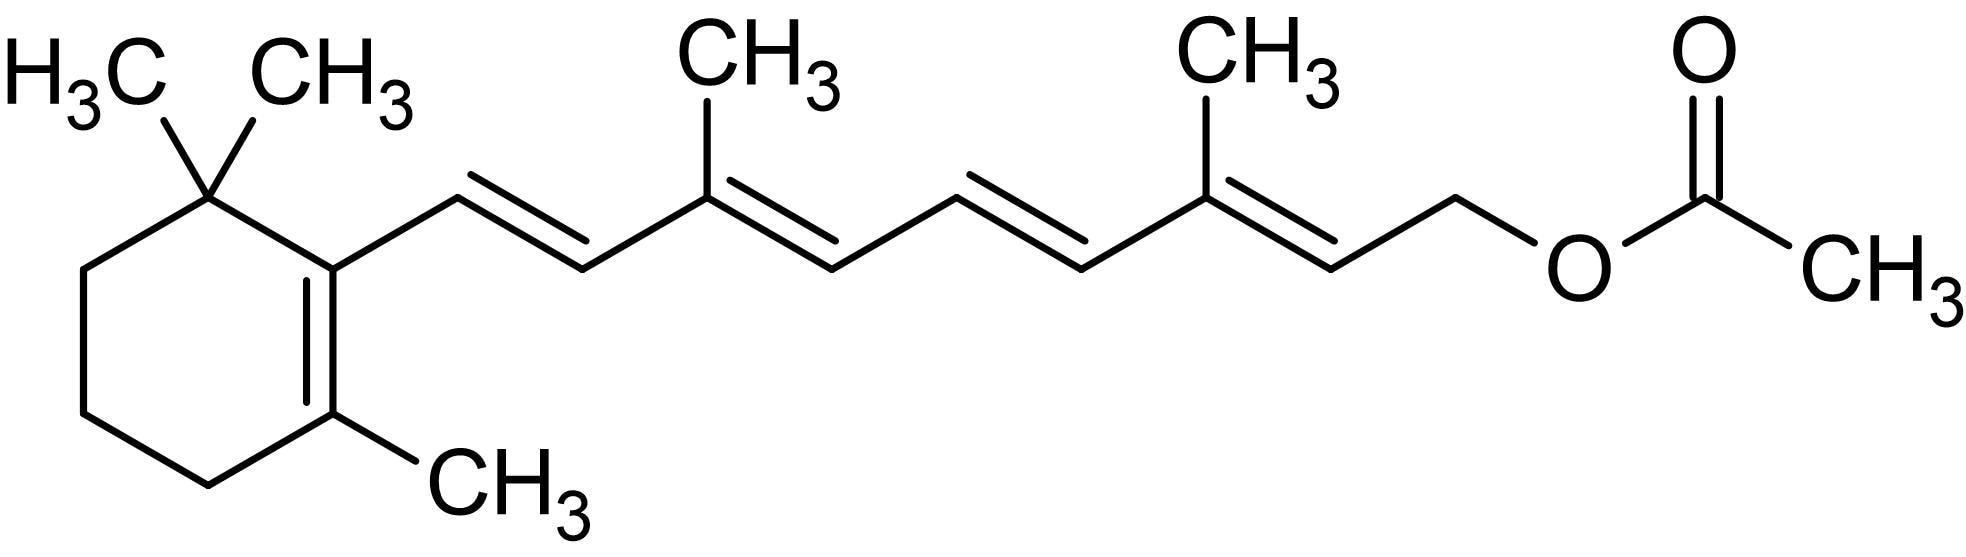 Chemical Structure - Retinyl acetate, apoptotic agent (ab142361)